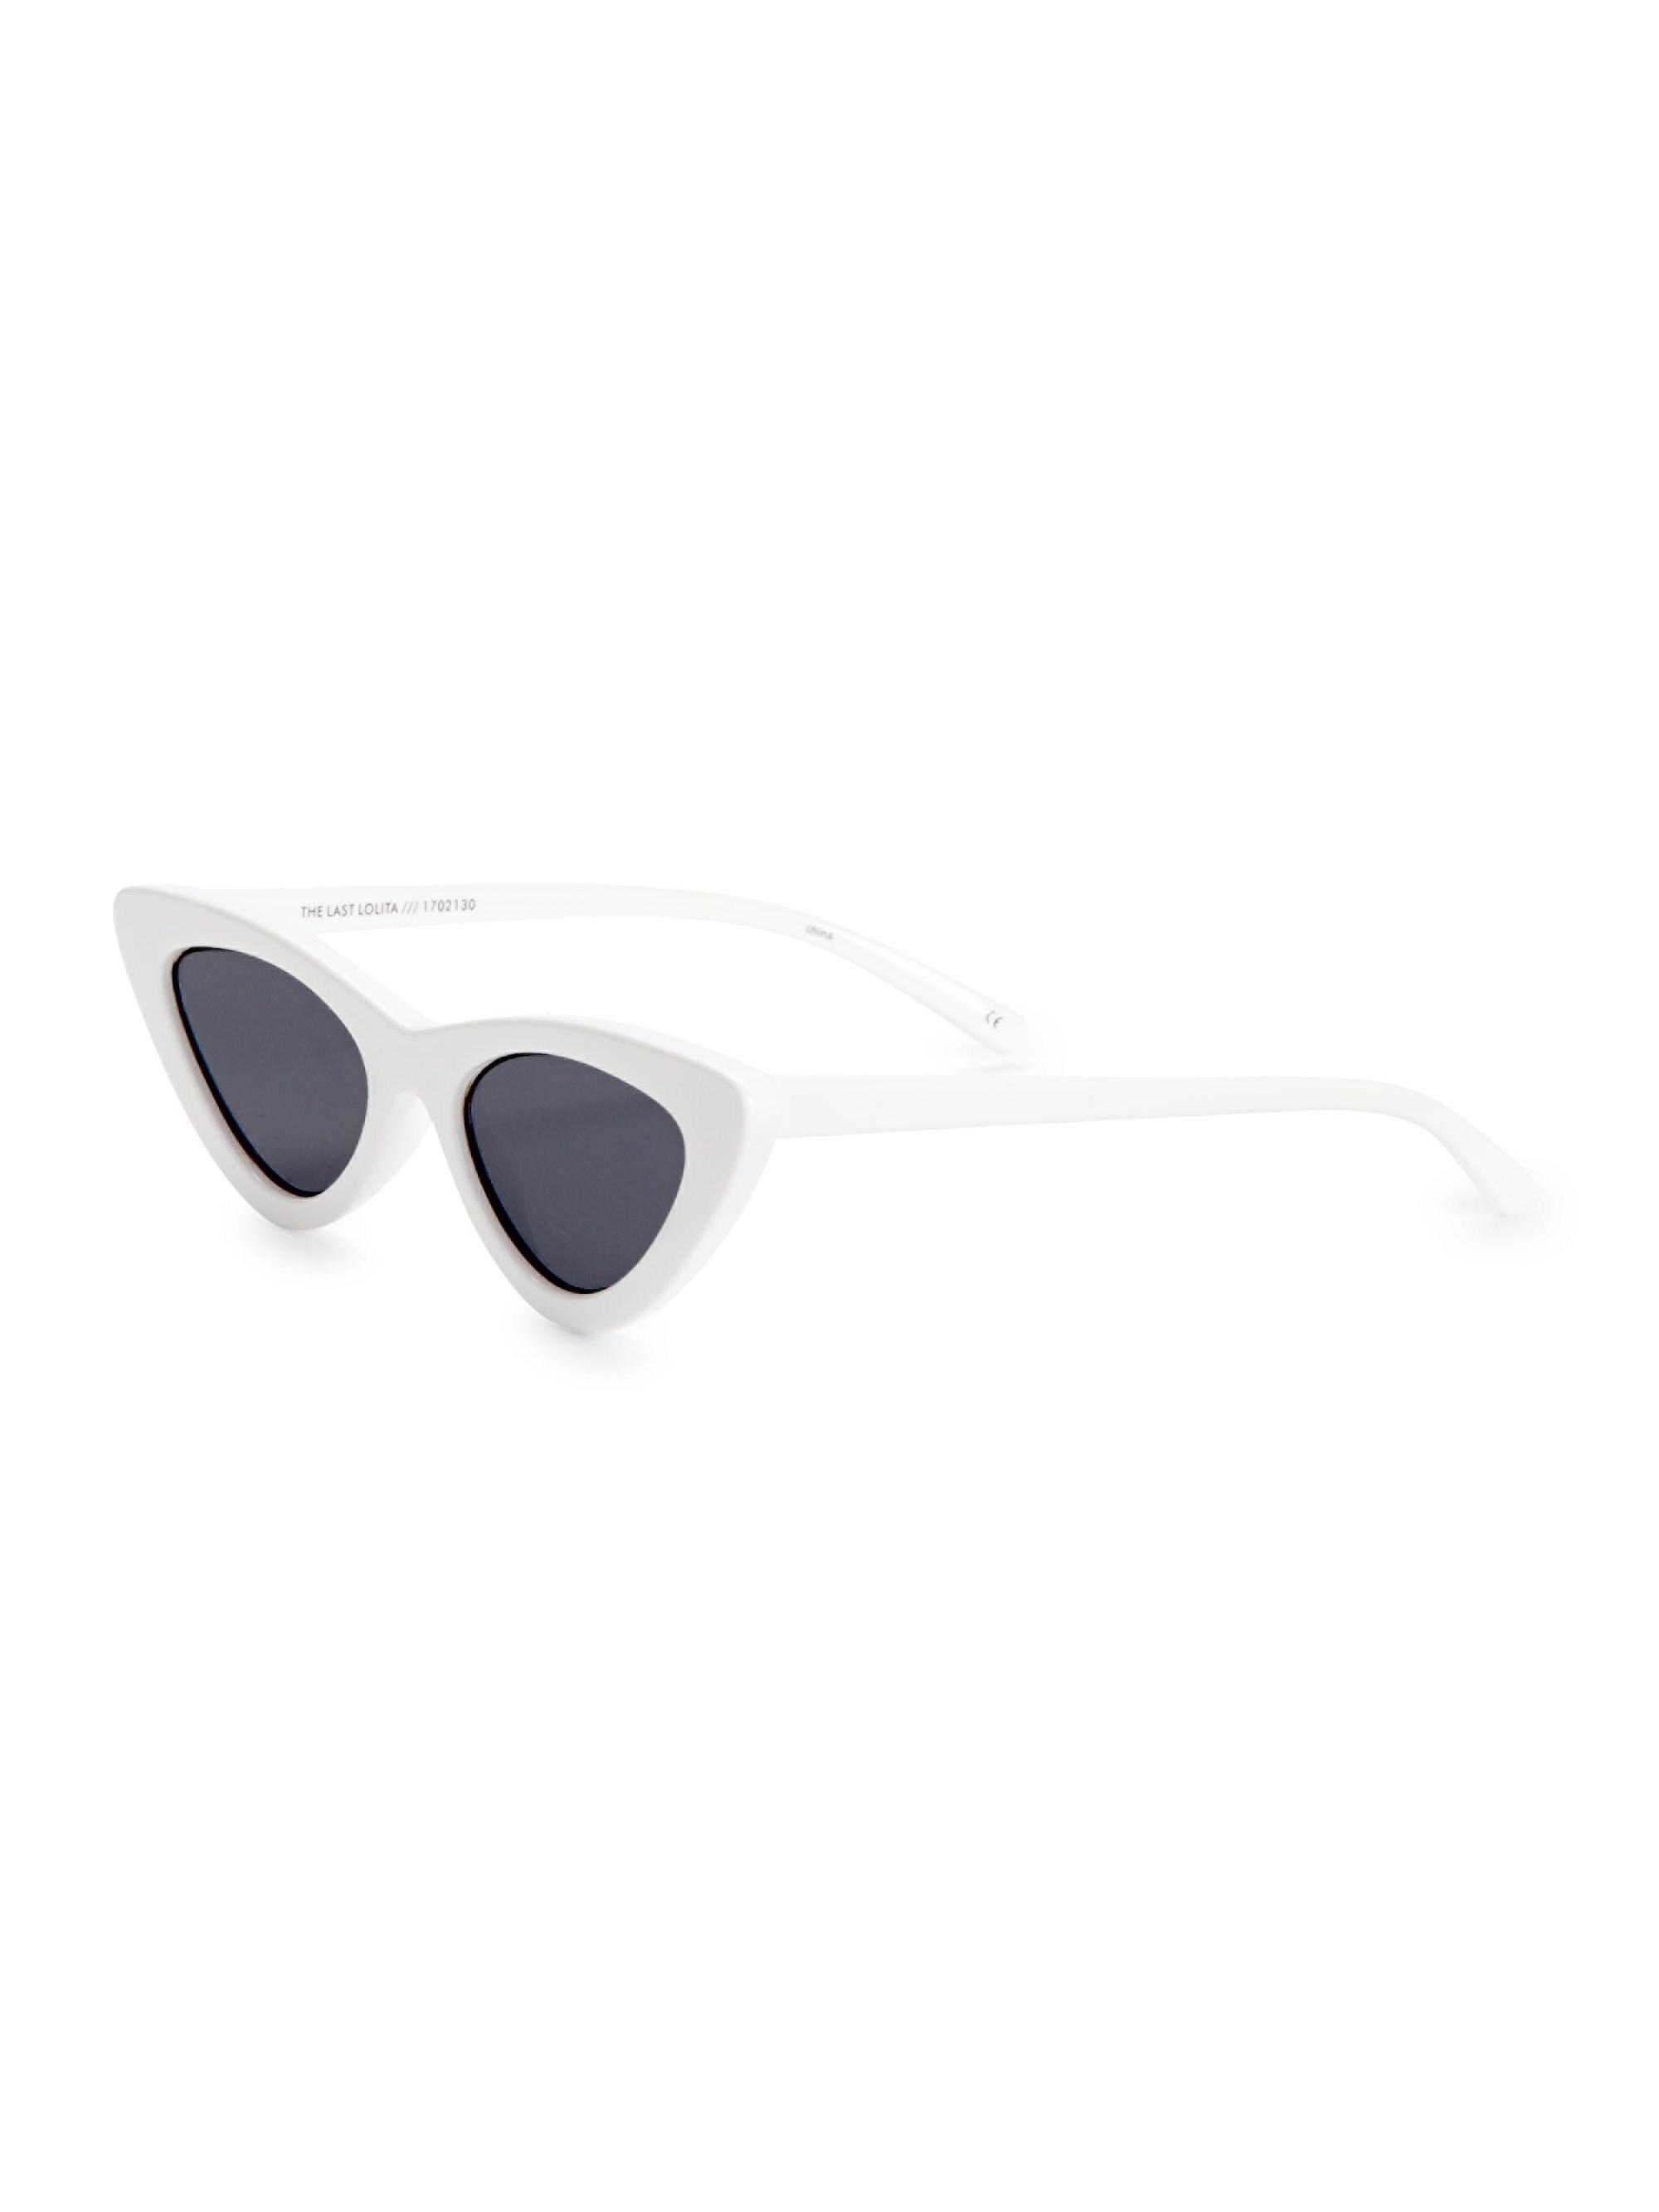 a80b44ce6a Le Specs - The Last Lolita White Sunglasses - Lyst. View fullscreen